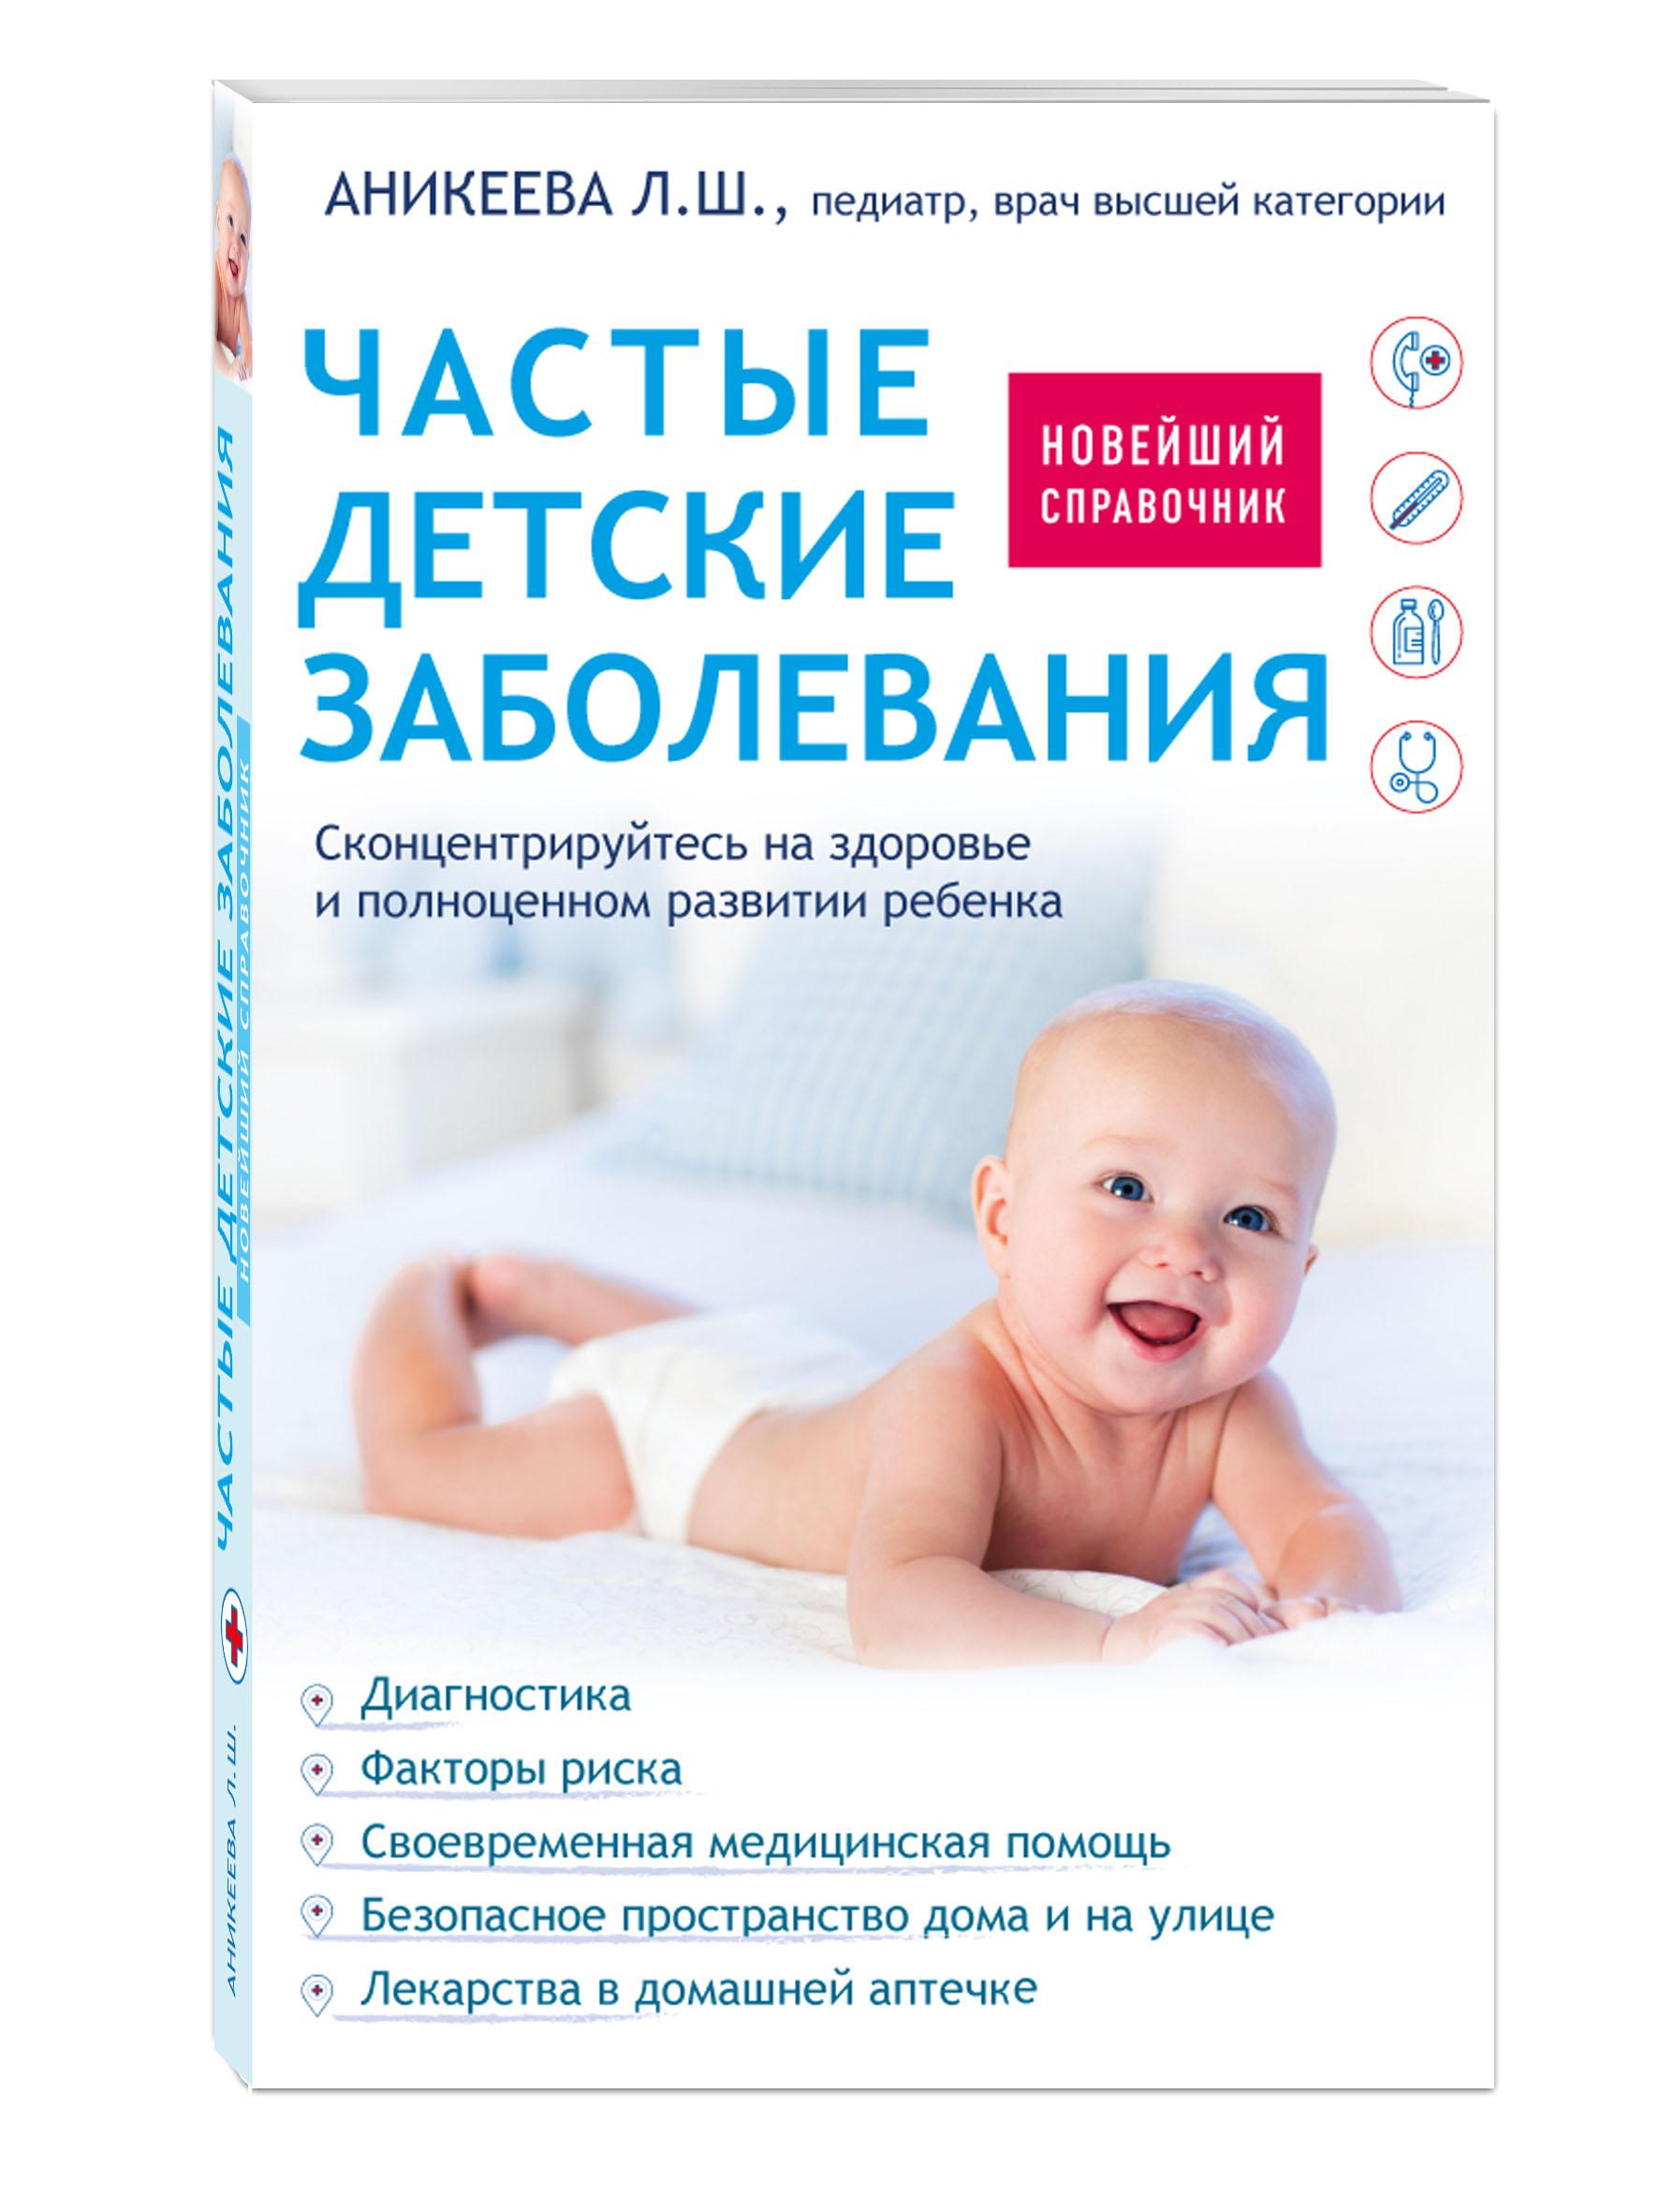 Аникеева Л.Ш. Частые детские заболевания. Новейший справочник